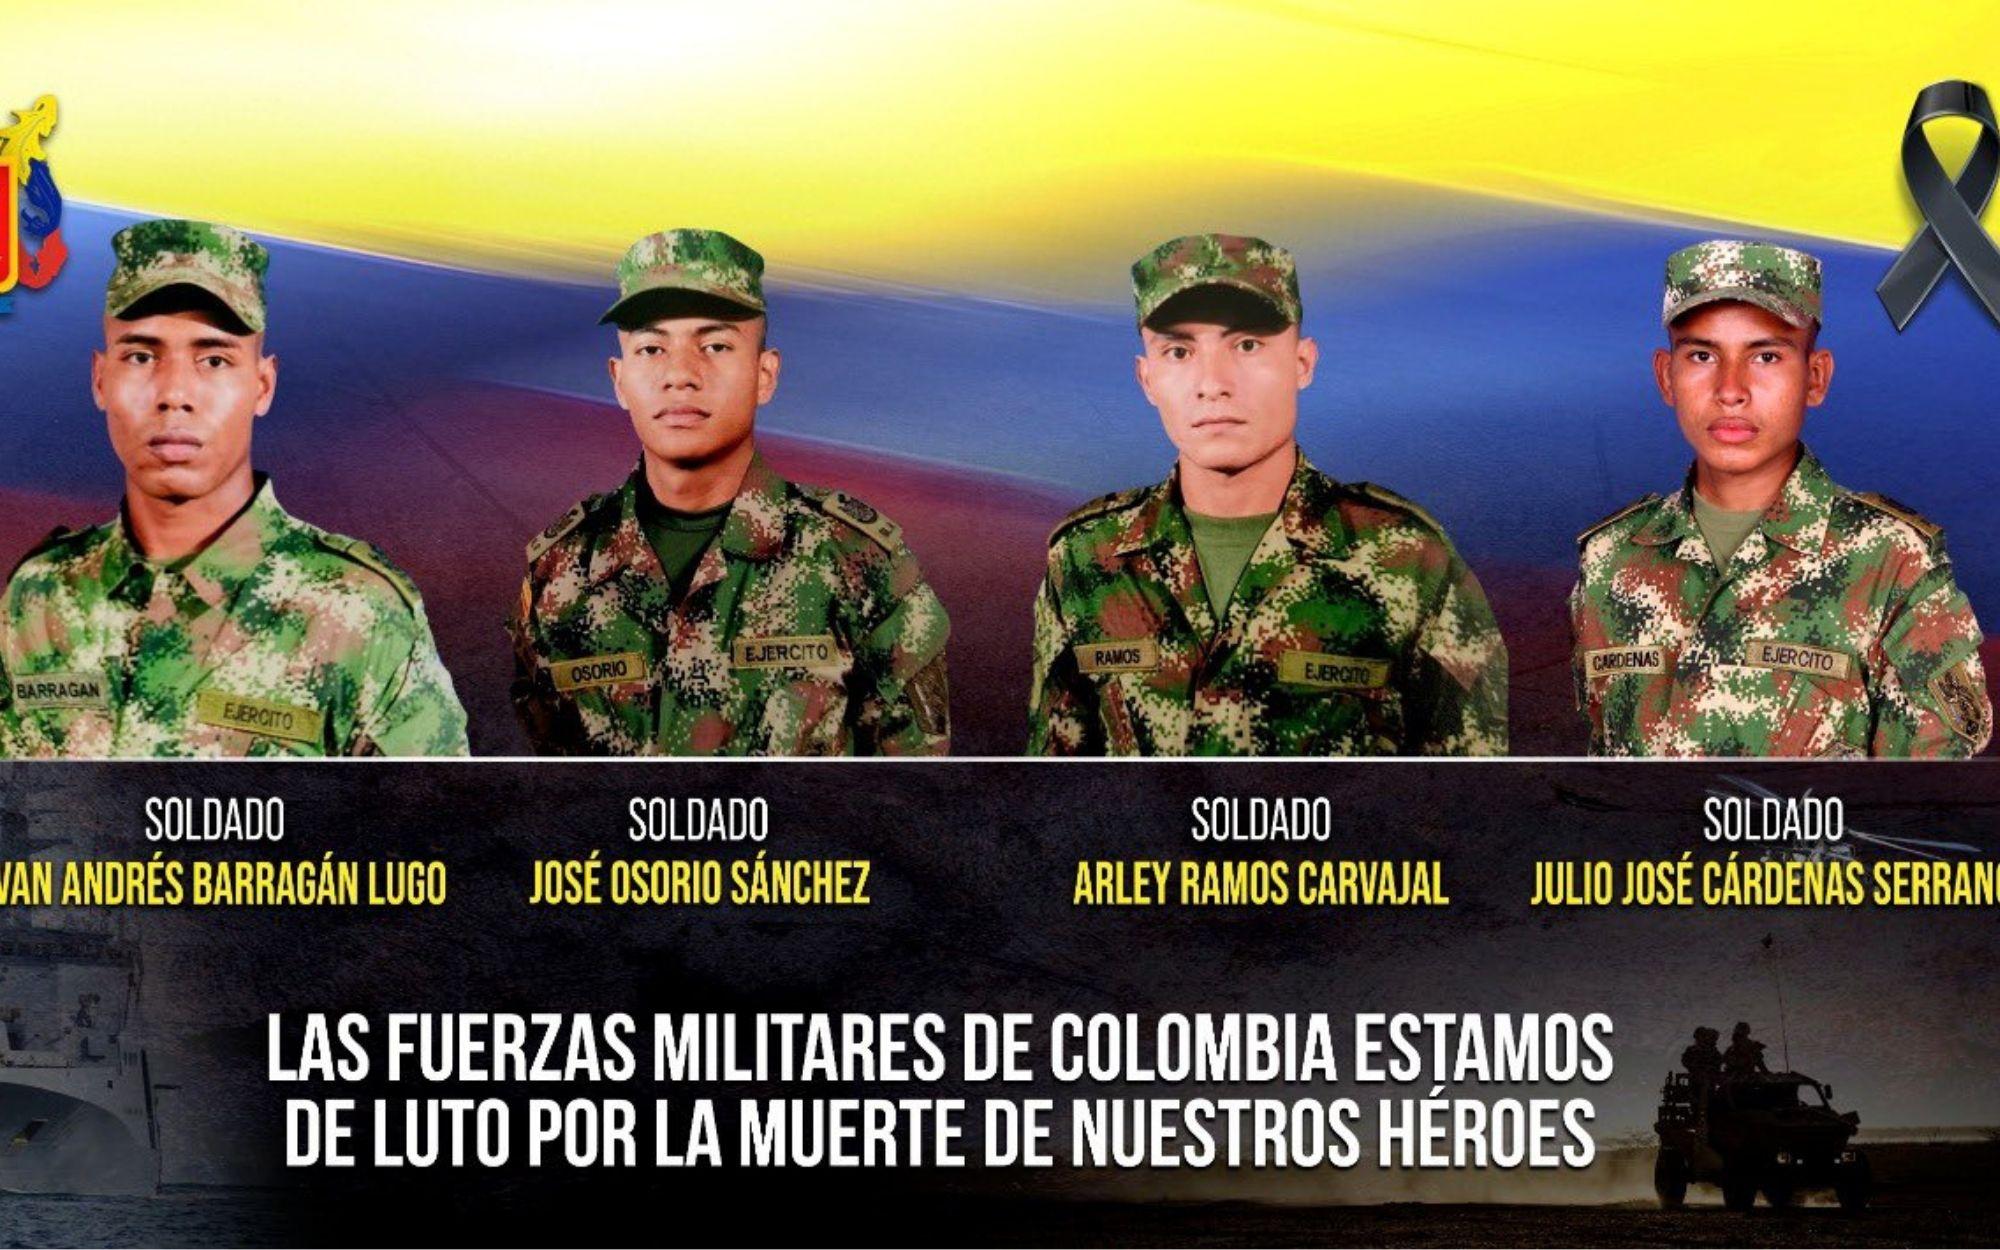 EN FOTOS: Estos fueron los soldados asesinados en Turbo e Ituango